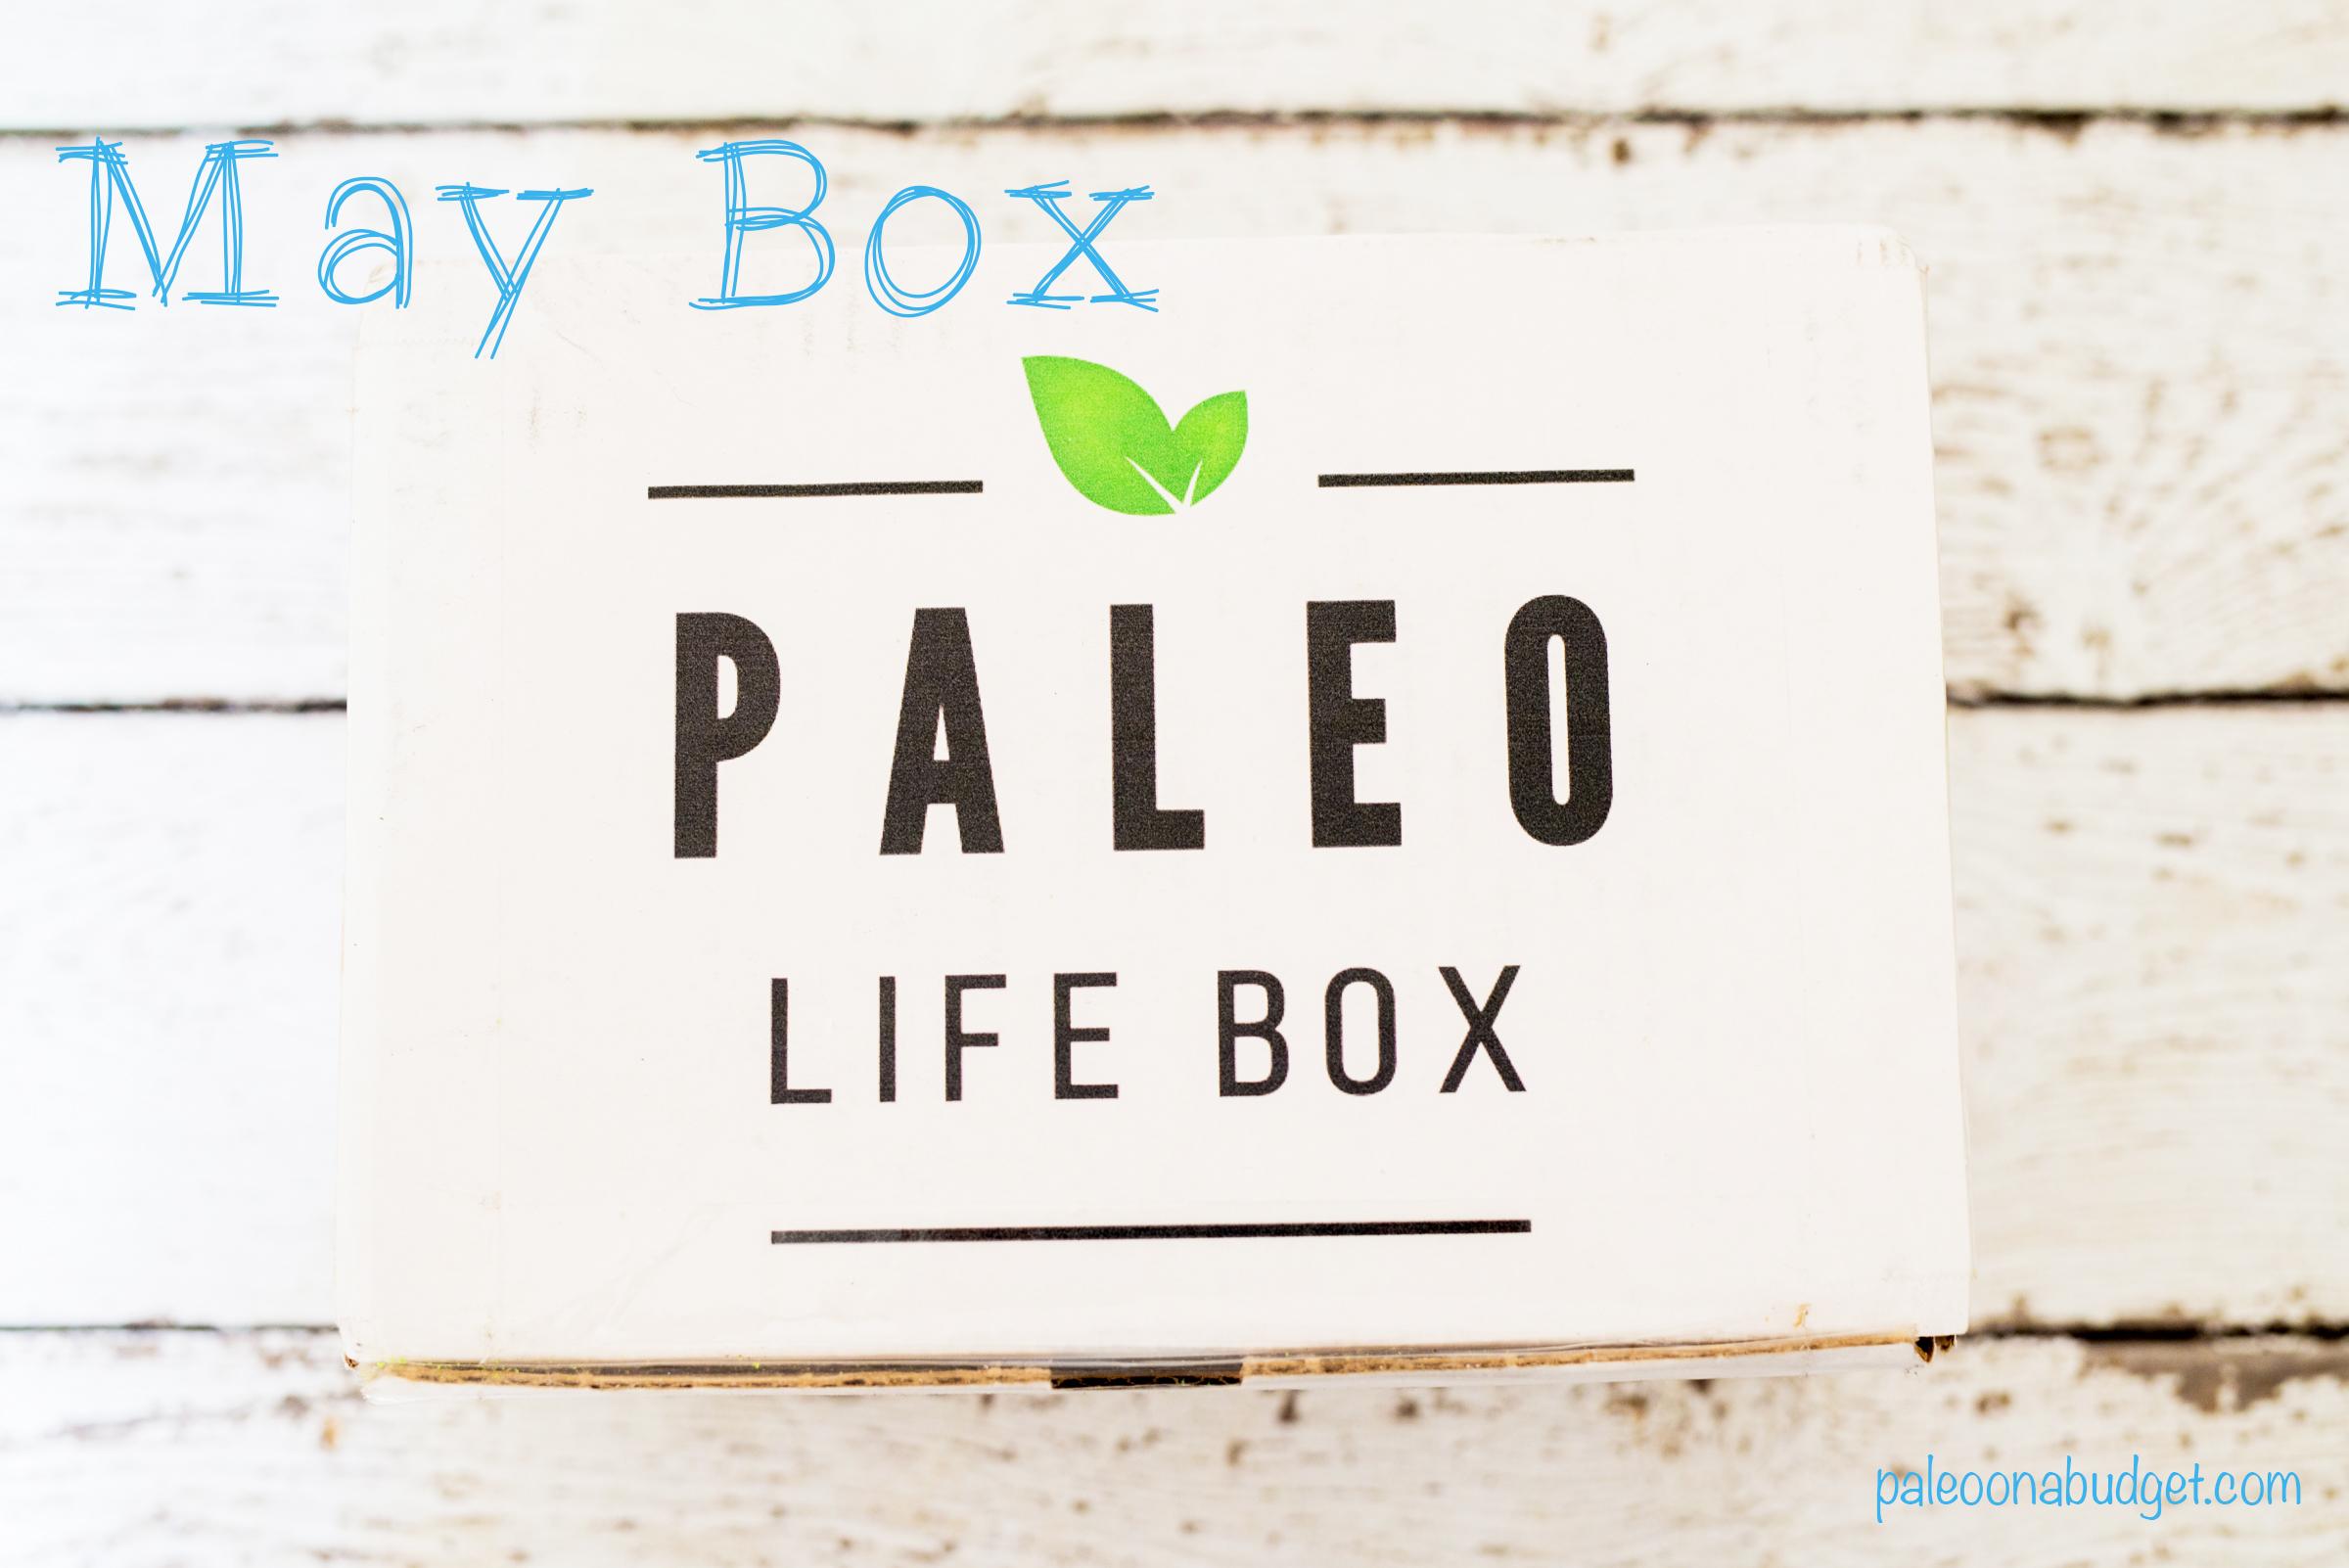 Paleo Life Box: May 2015 Edition